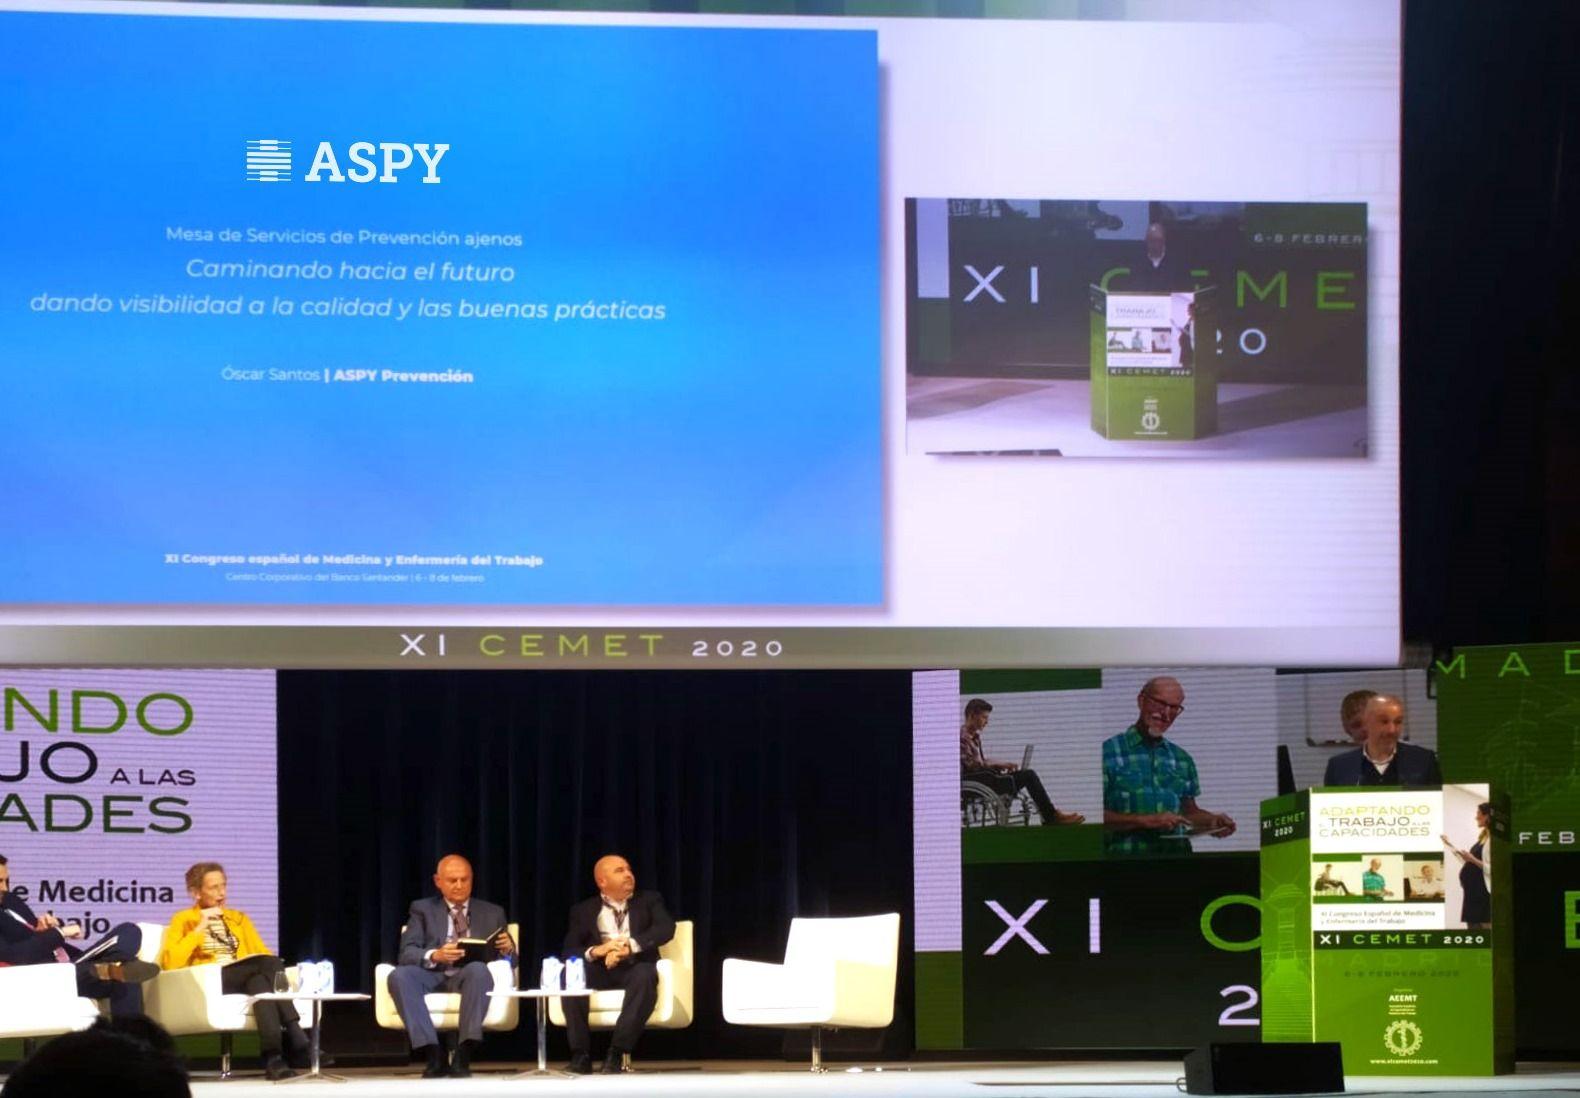 Fotografia Ponencia de Aspy Prevención durante el CEMET 2020